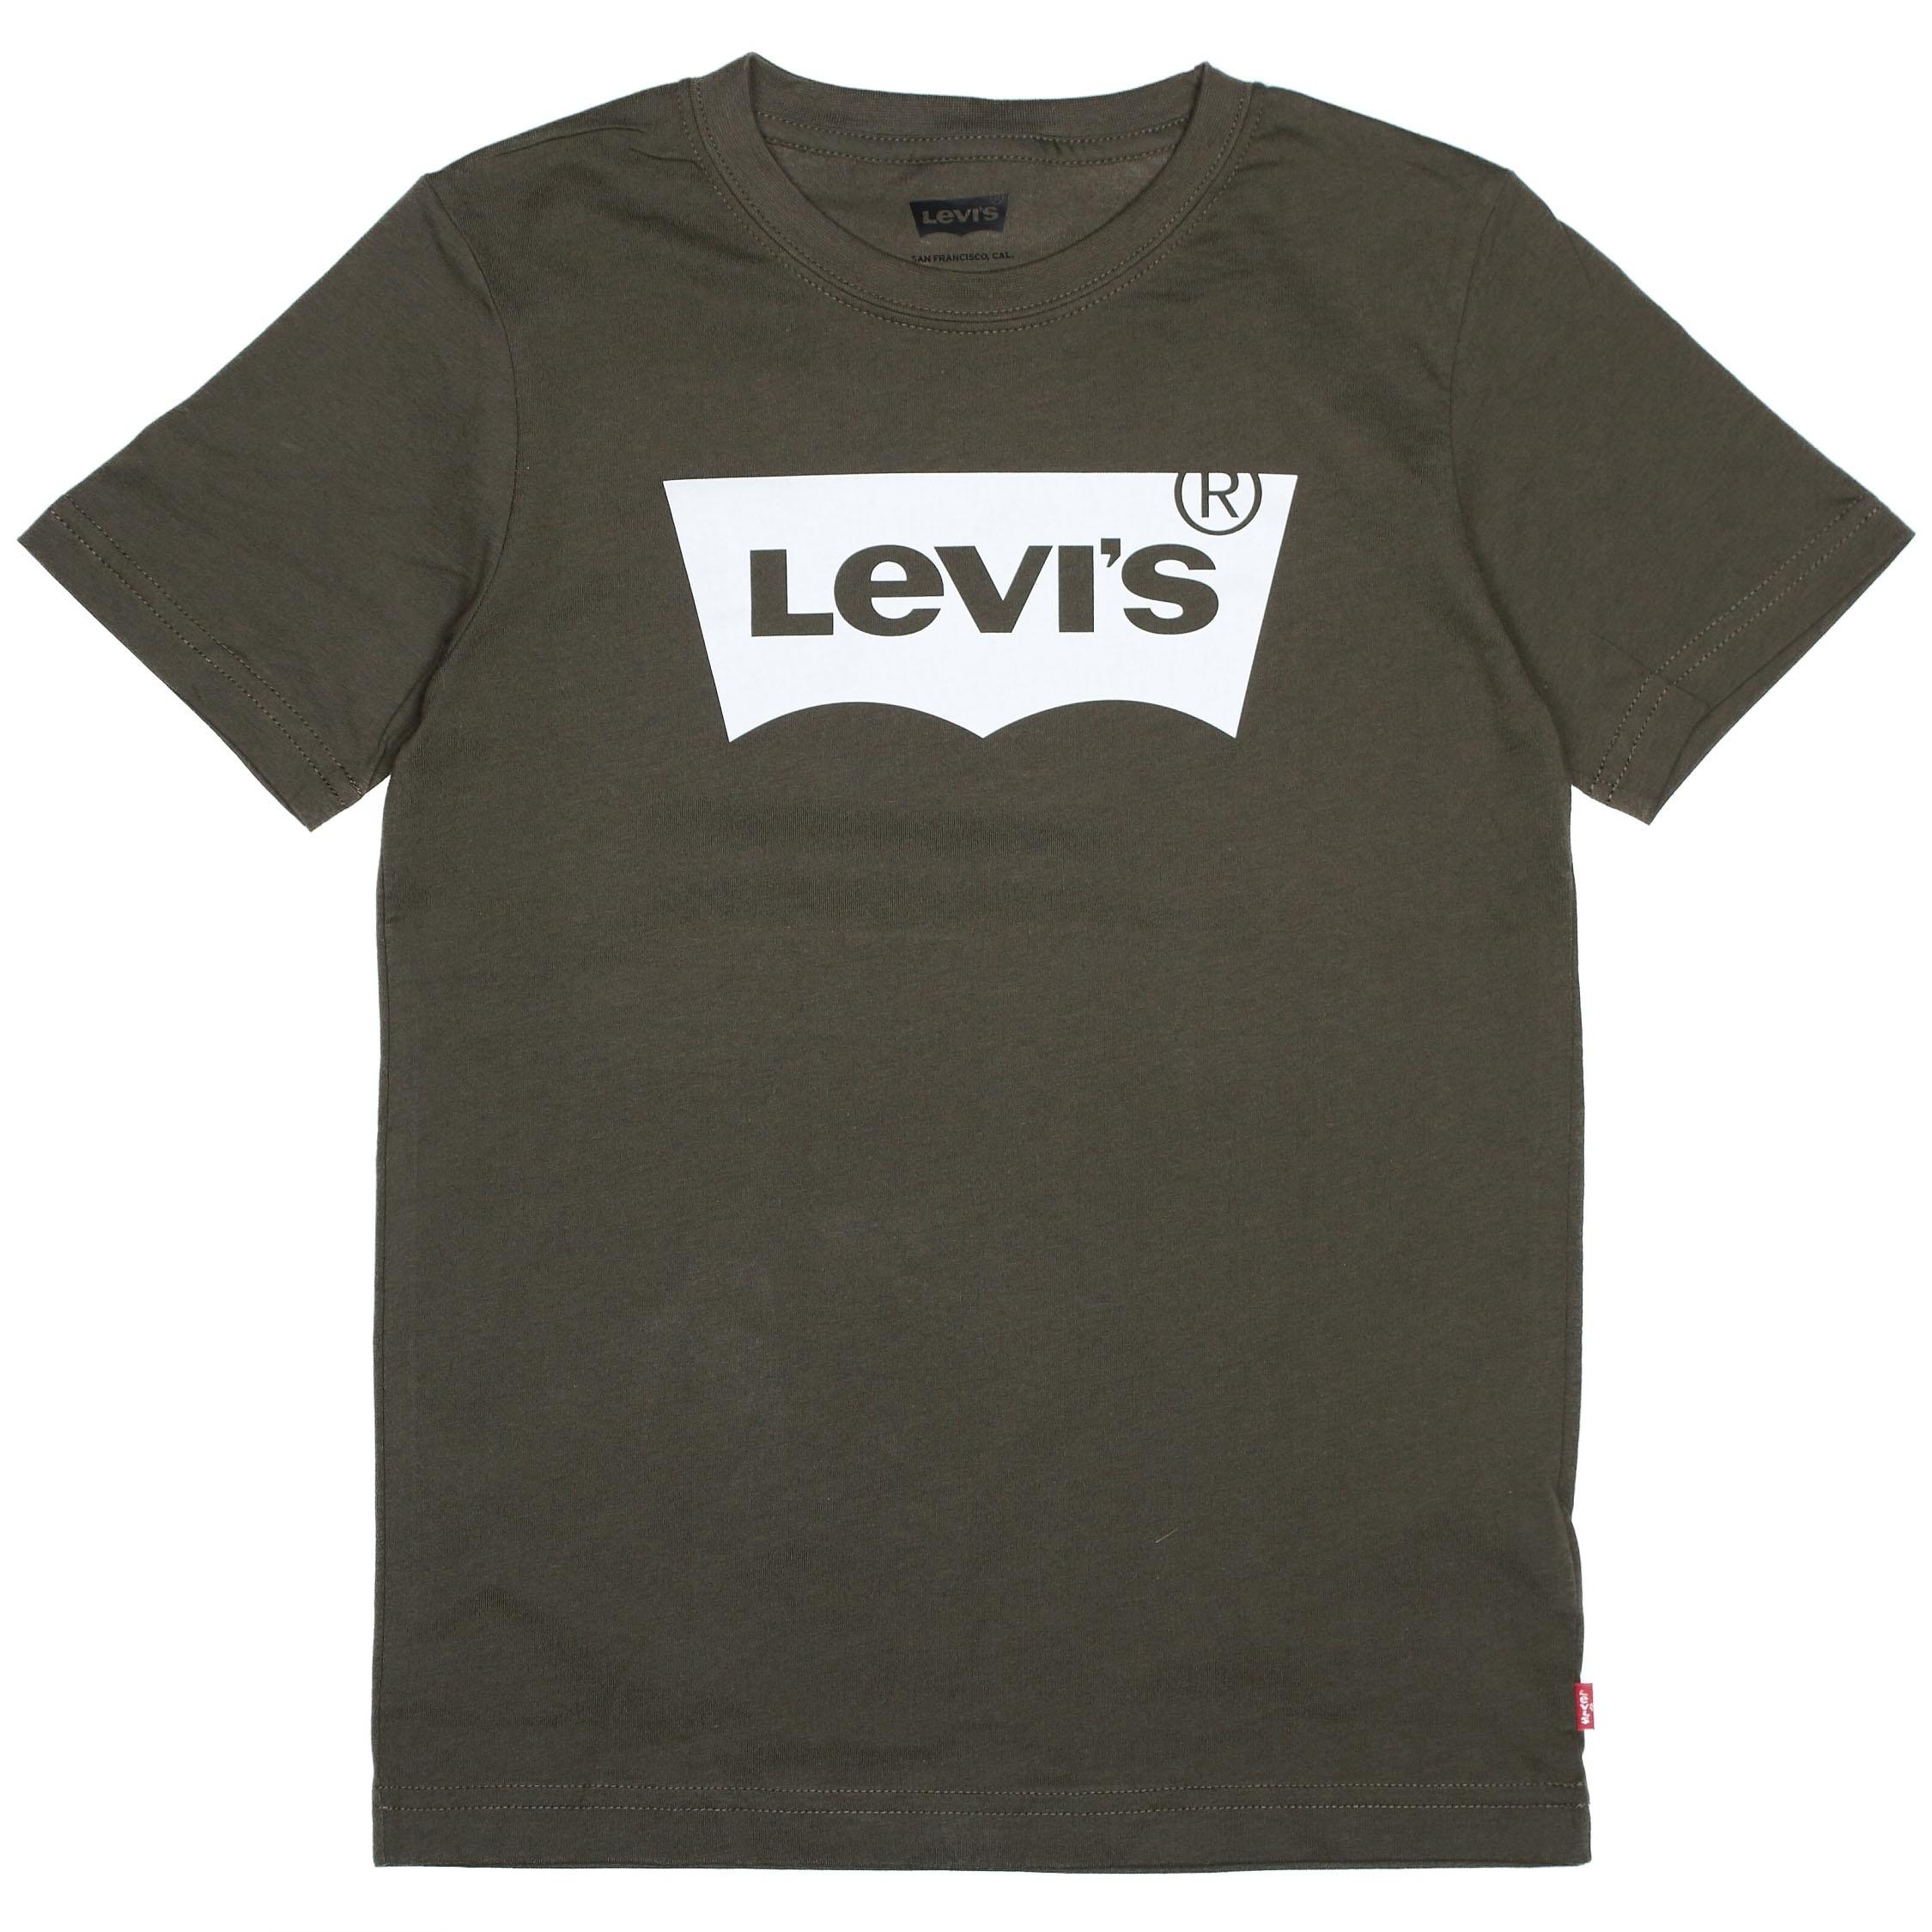 https://www.leadermode.com/193446/levi-s-kids-6e8157-e3v-olive-night.jpg